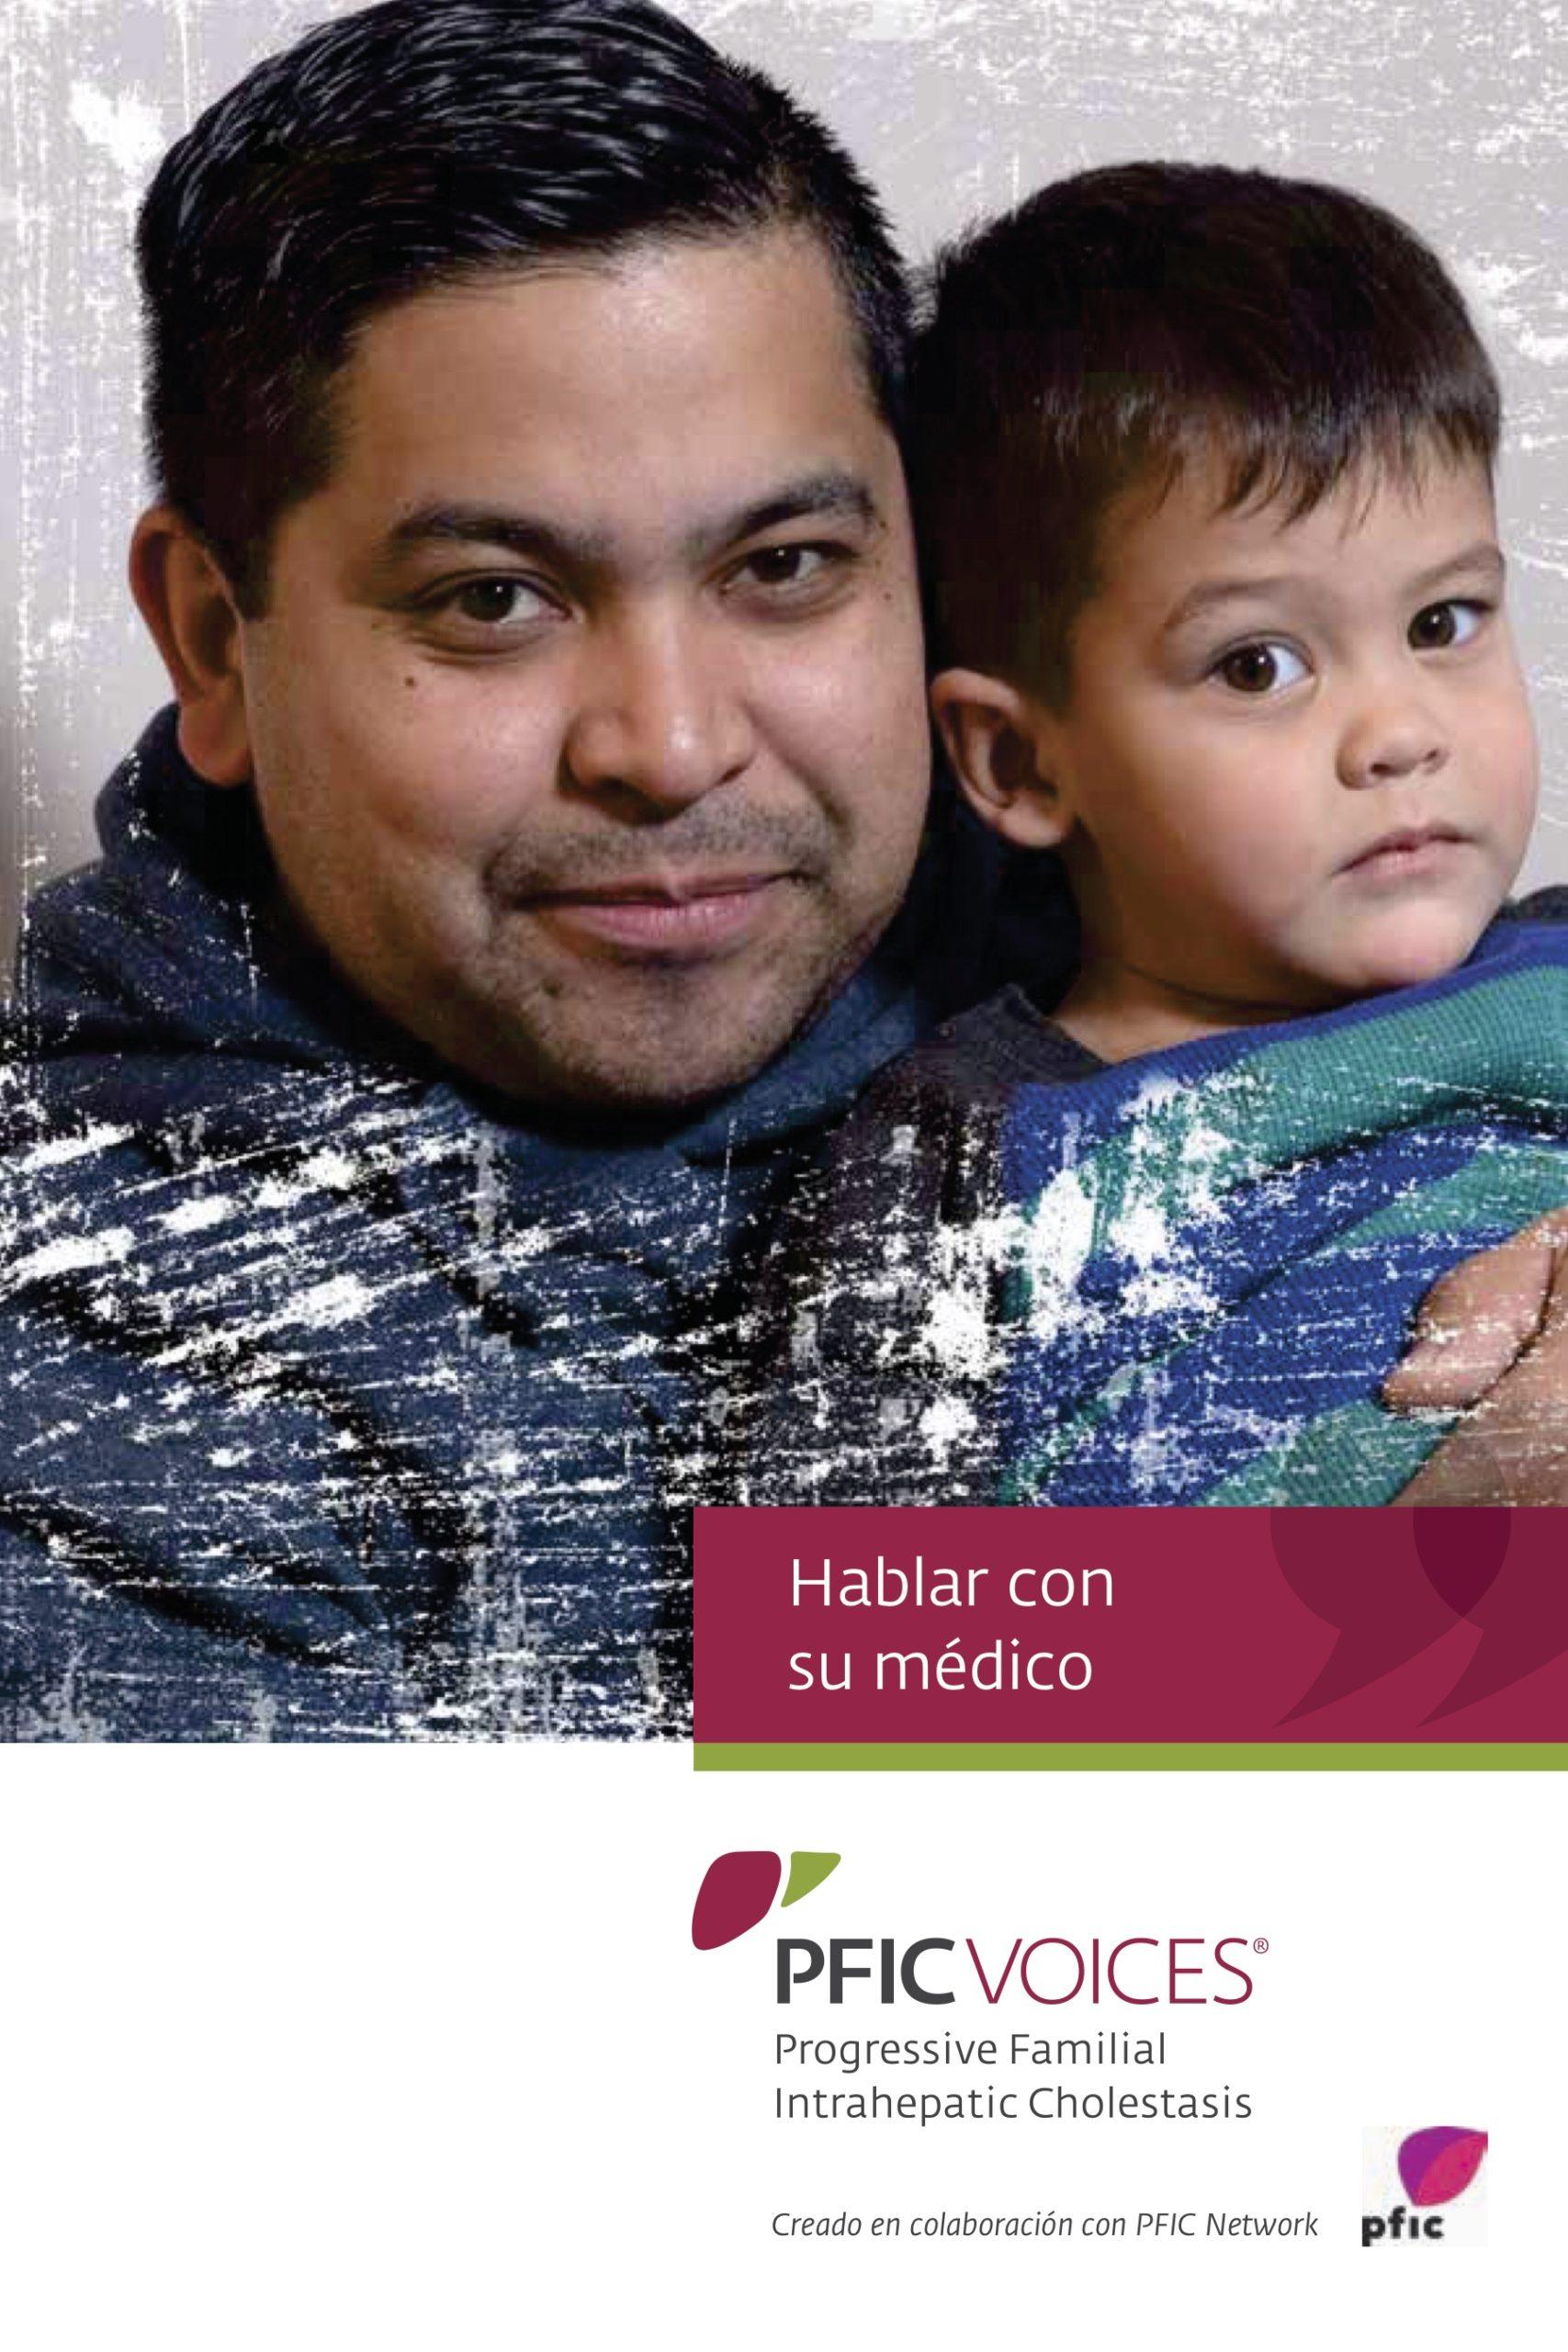 Guia sobre la Colèstasi Intrahepàtica Familiar Progressiva (PFIC, en les seves sigles en anglès)